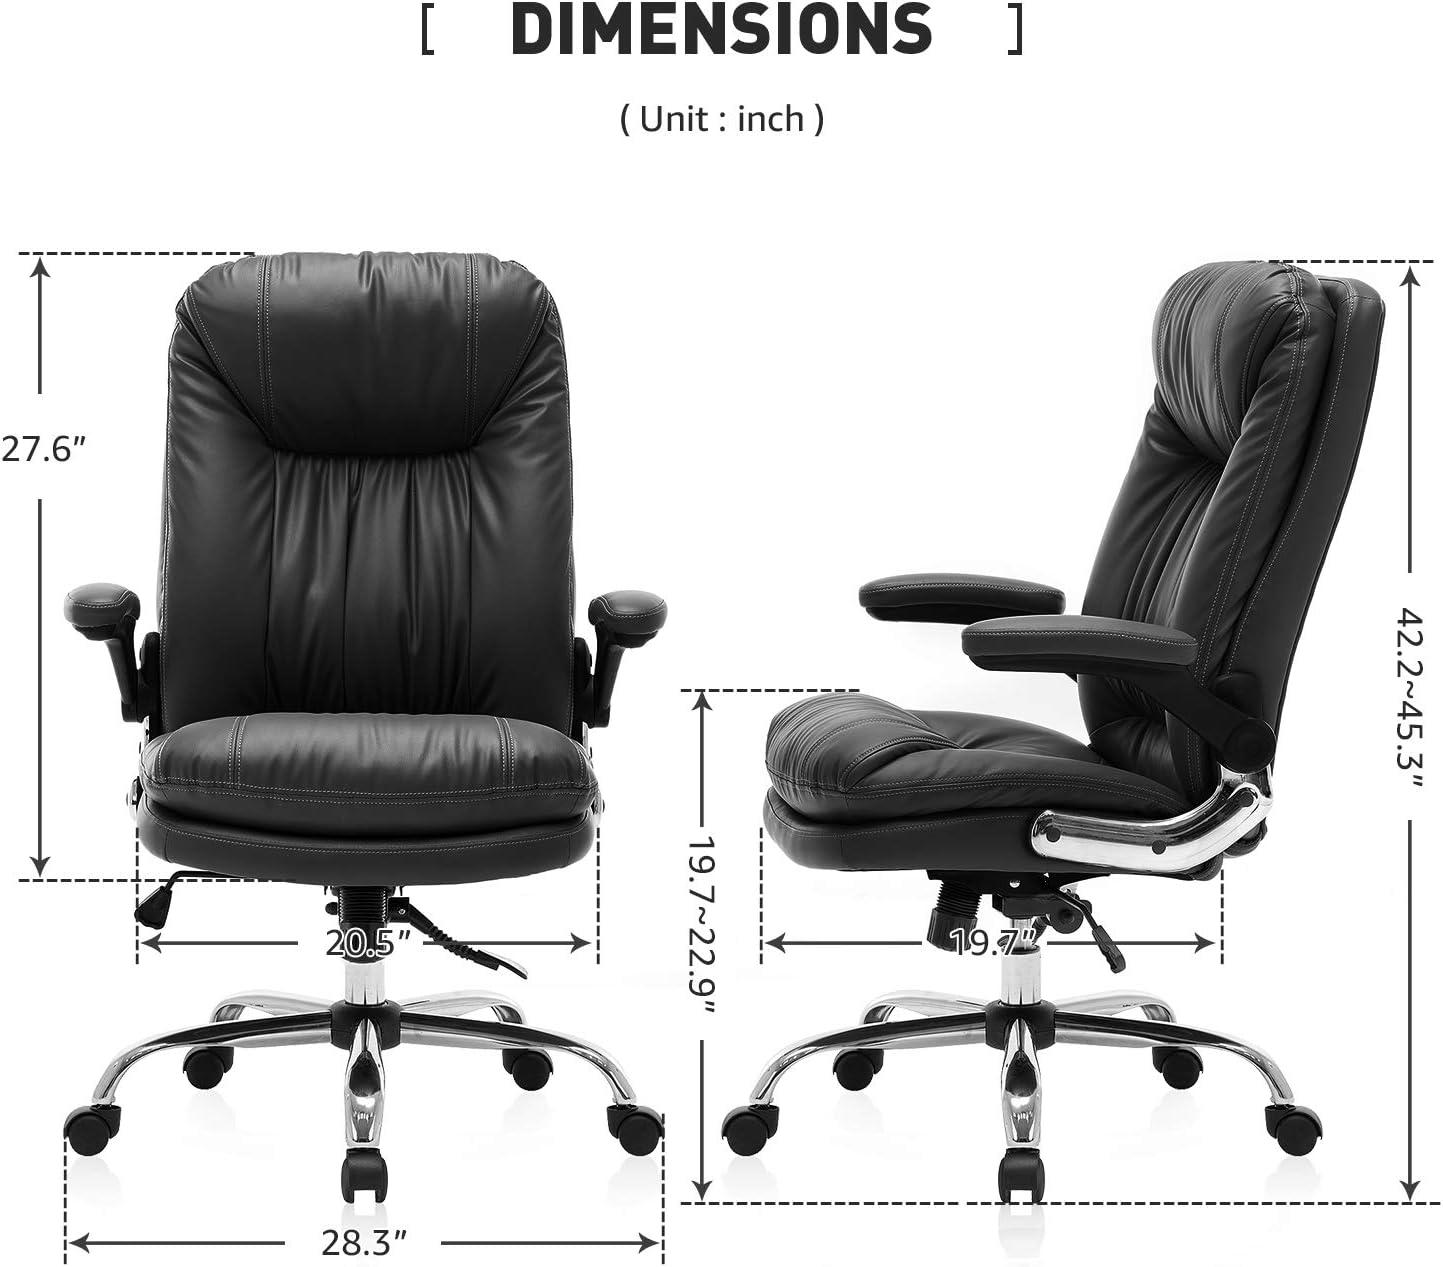 sedia da ufficio in pelle con schienale alto per casa e camera da letto YAMASORO Sedia da ufficio ergonomica con braccioli e supporto per schienale ribaltabili colore nero